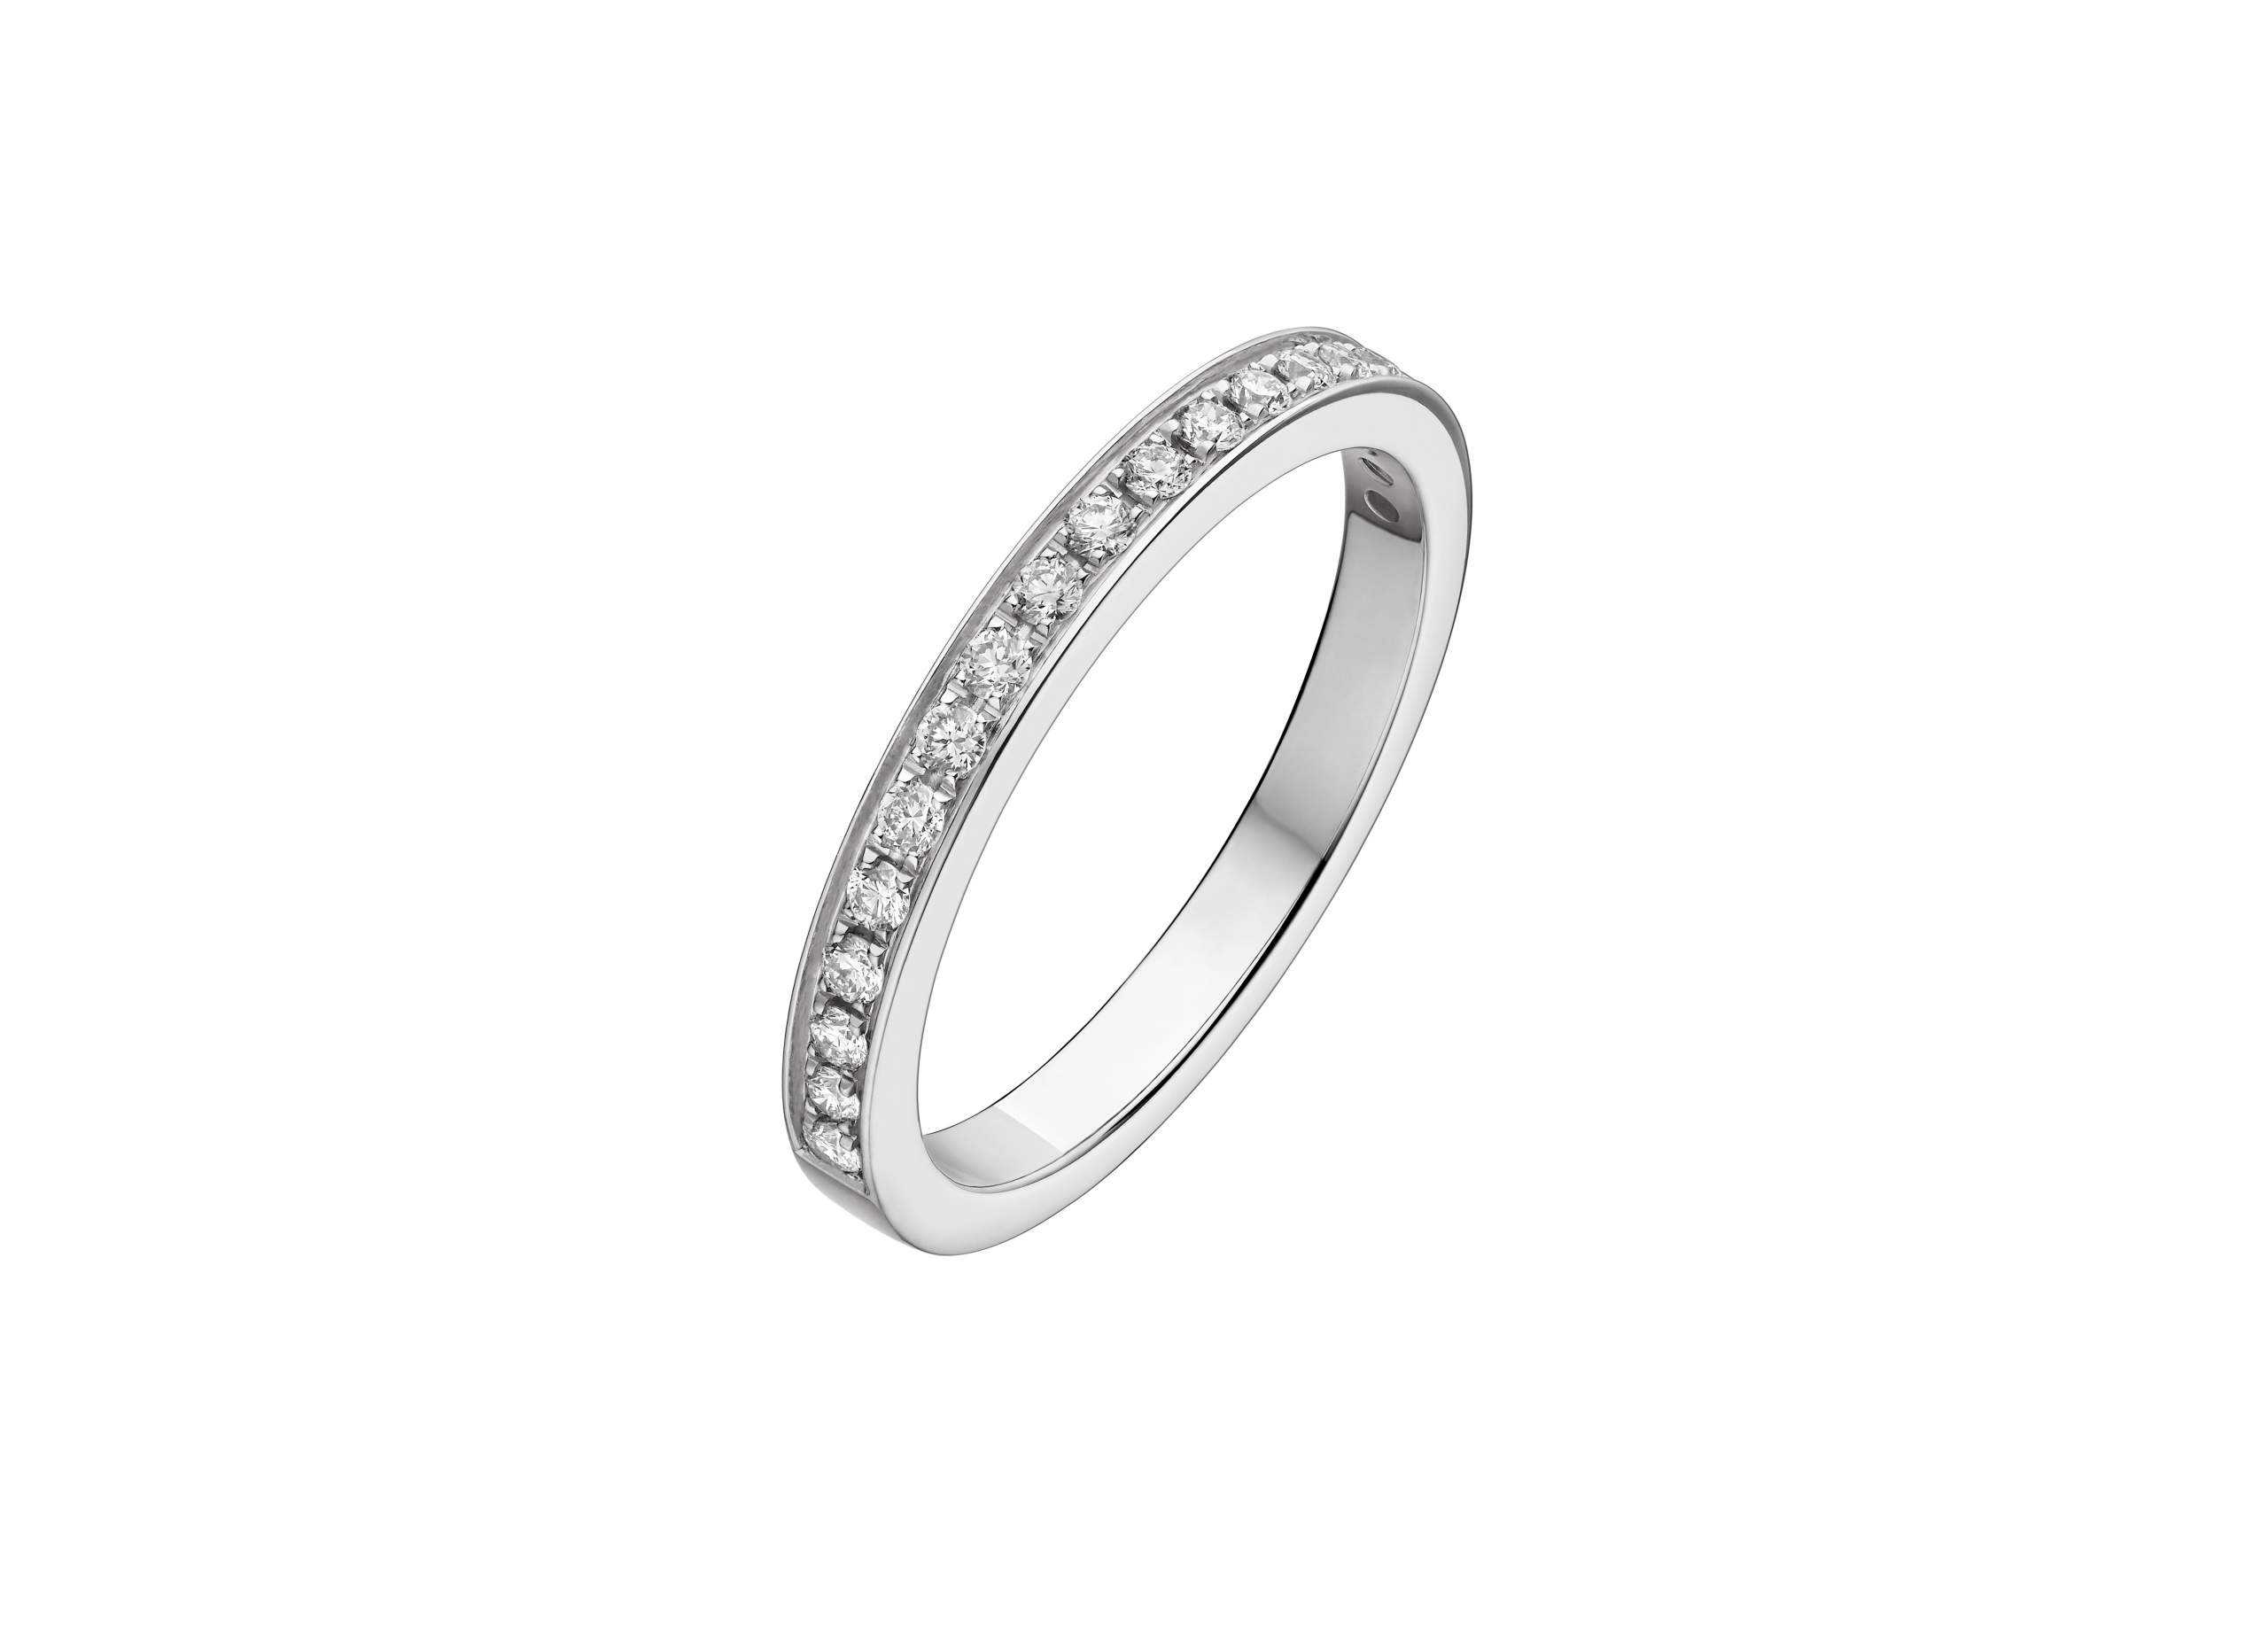 ダイアモンドをはめ込んだ指輪